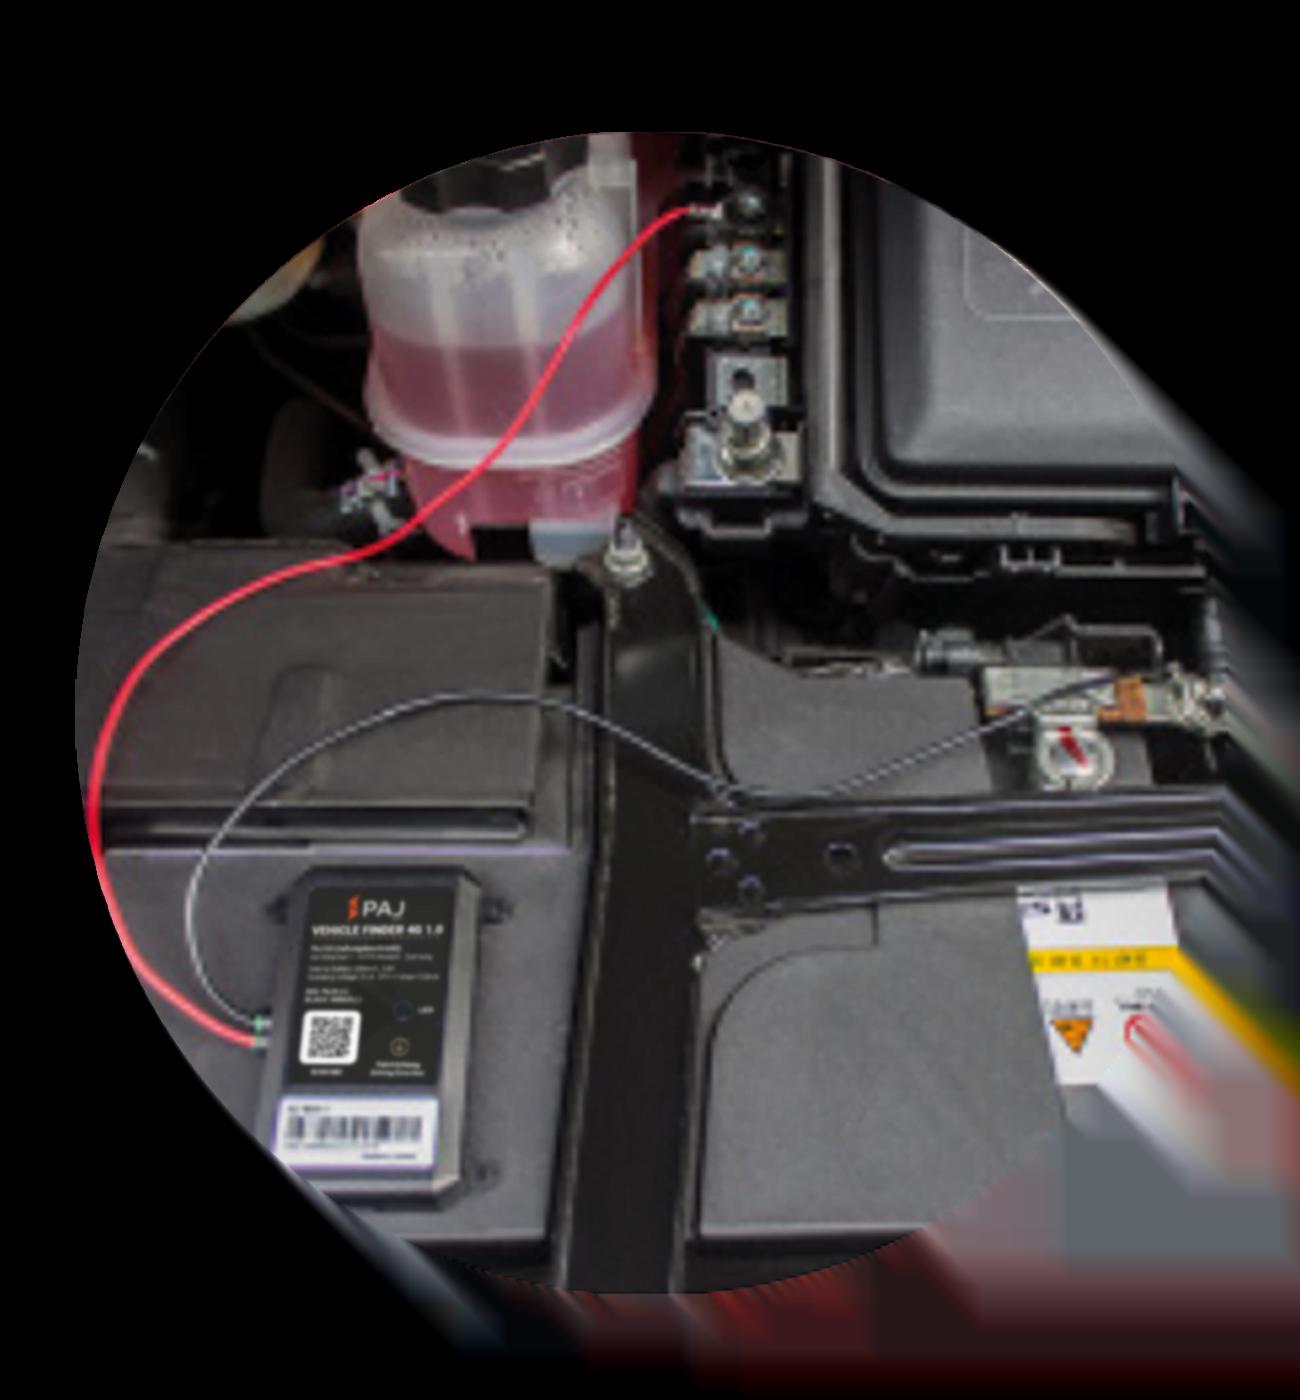 Anleitung Einbau Vehicle 1.0 schritt 3 1300x1400 - LP Einbau Vehicle Finder 1.0